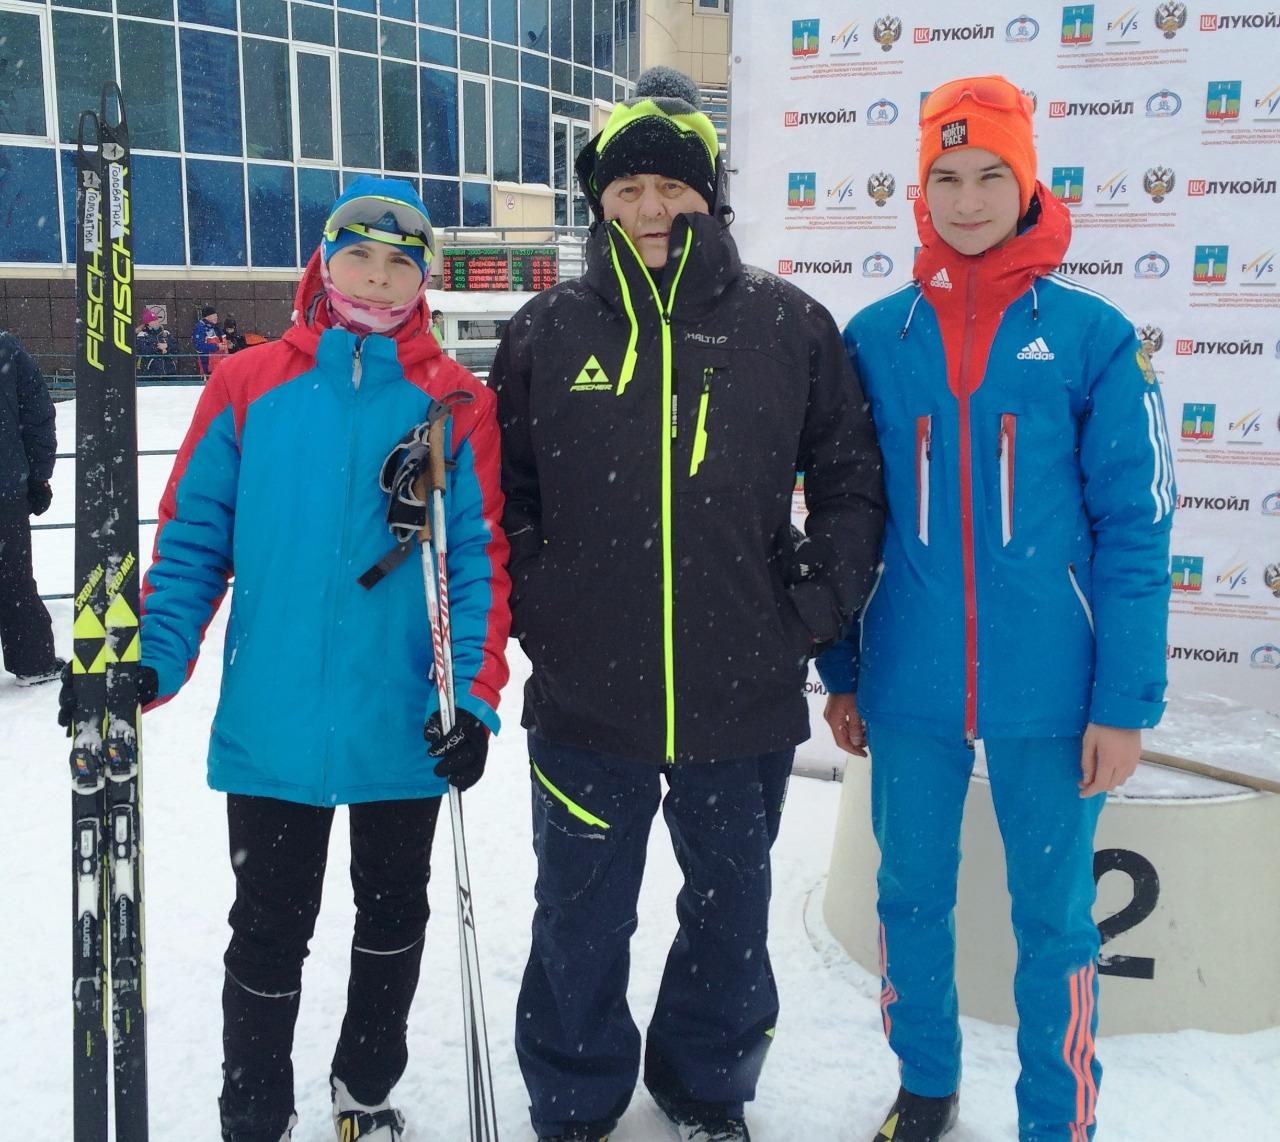 Новые чемпионы Ефимова - Ирина Головатюк и Вячеслав Мамичев.